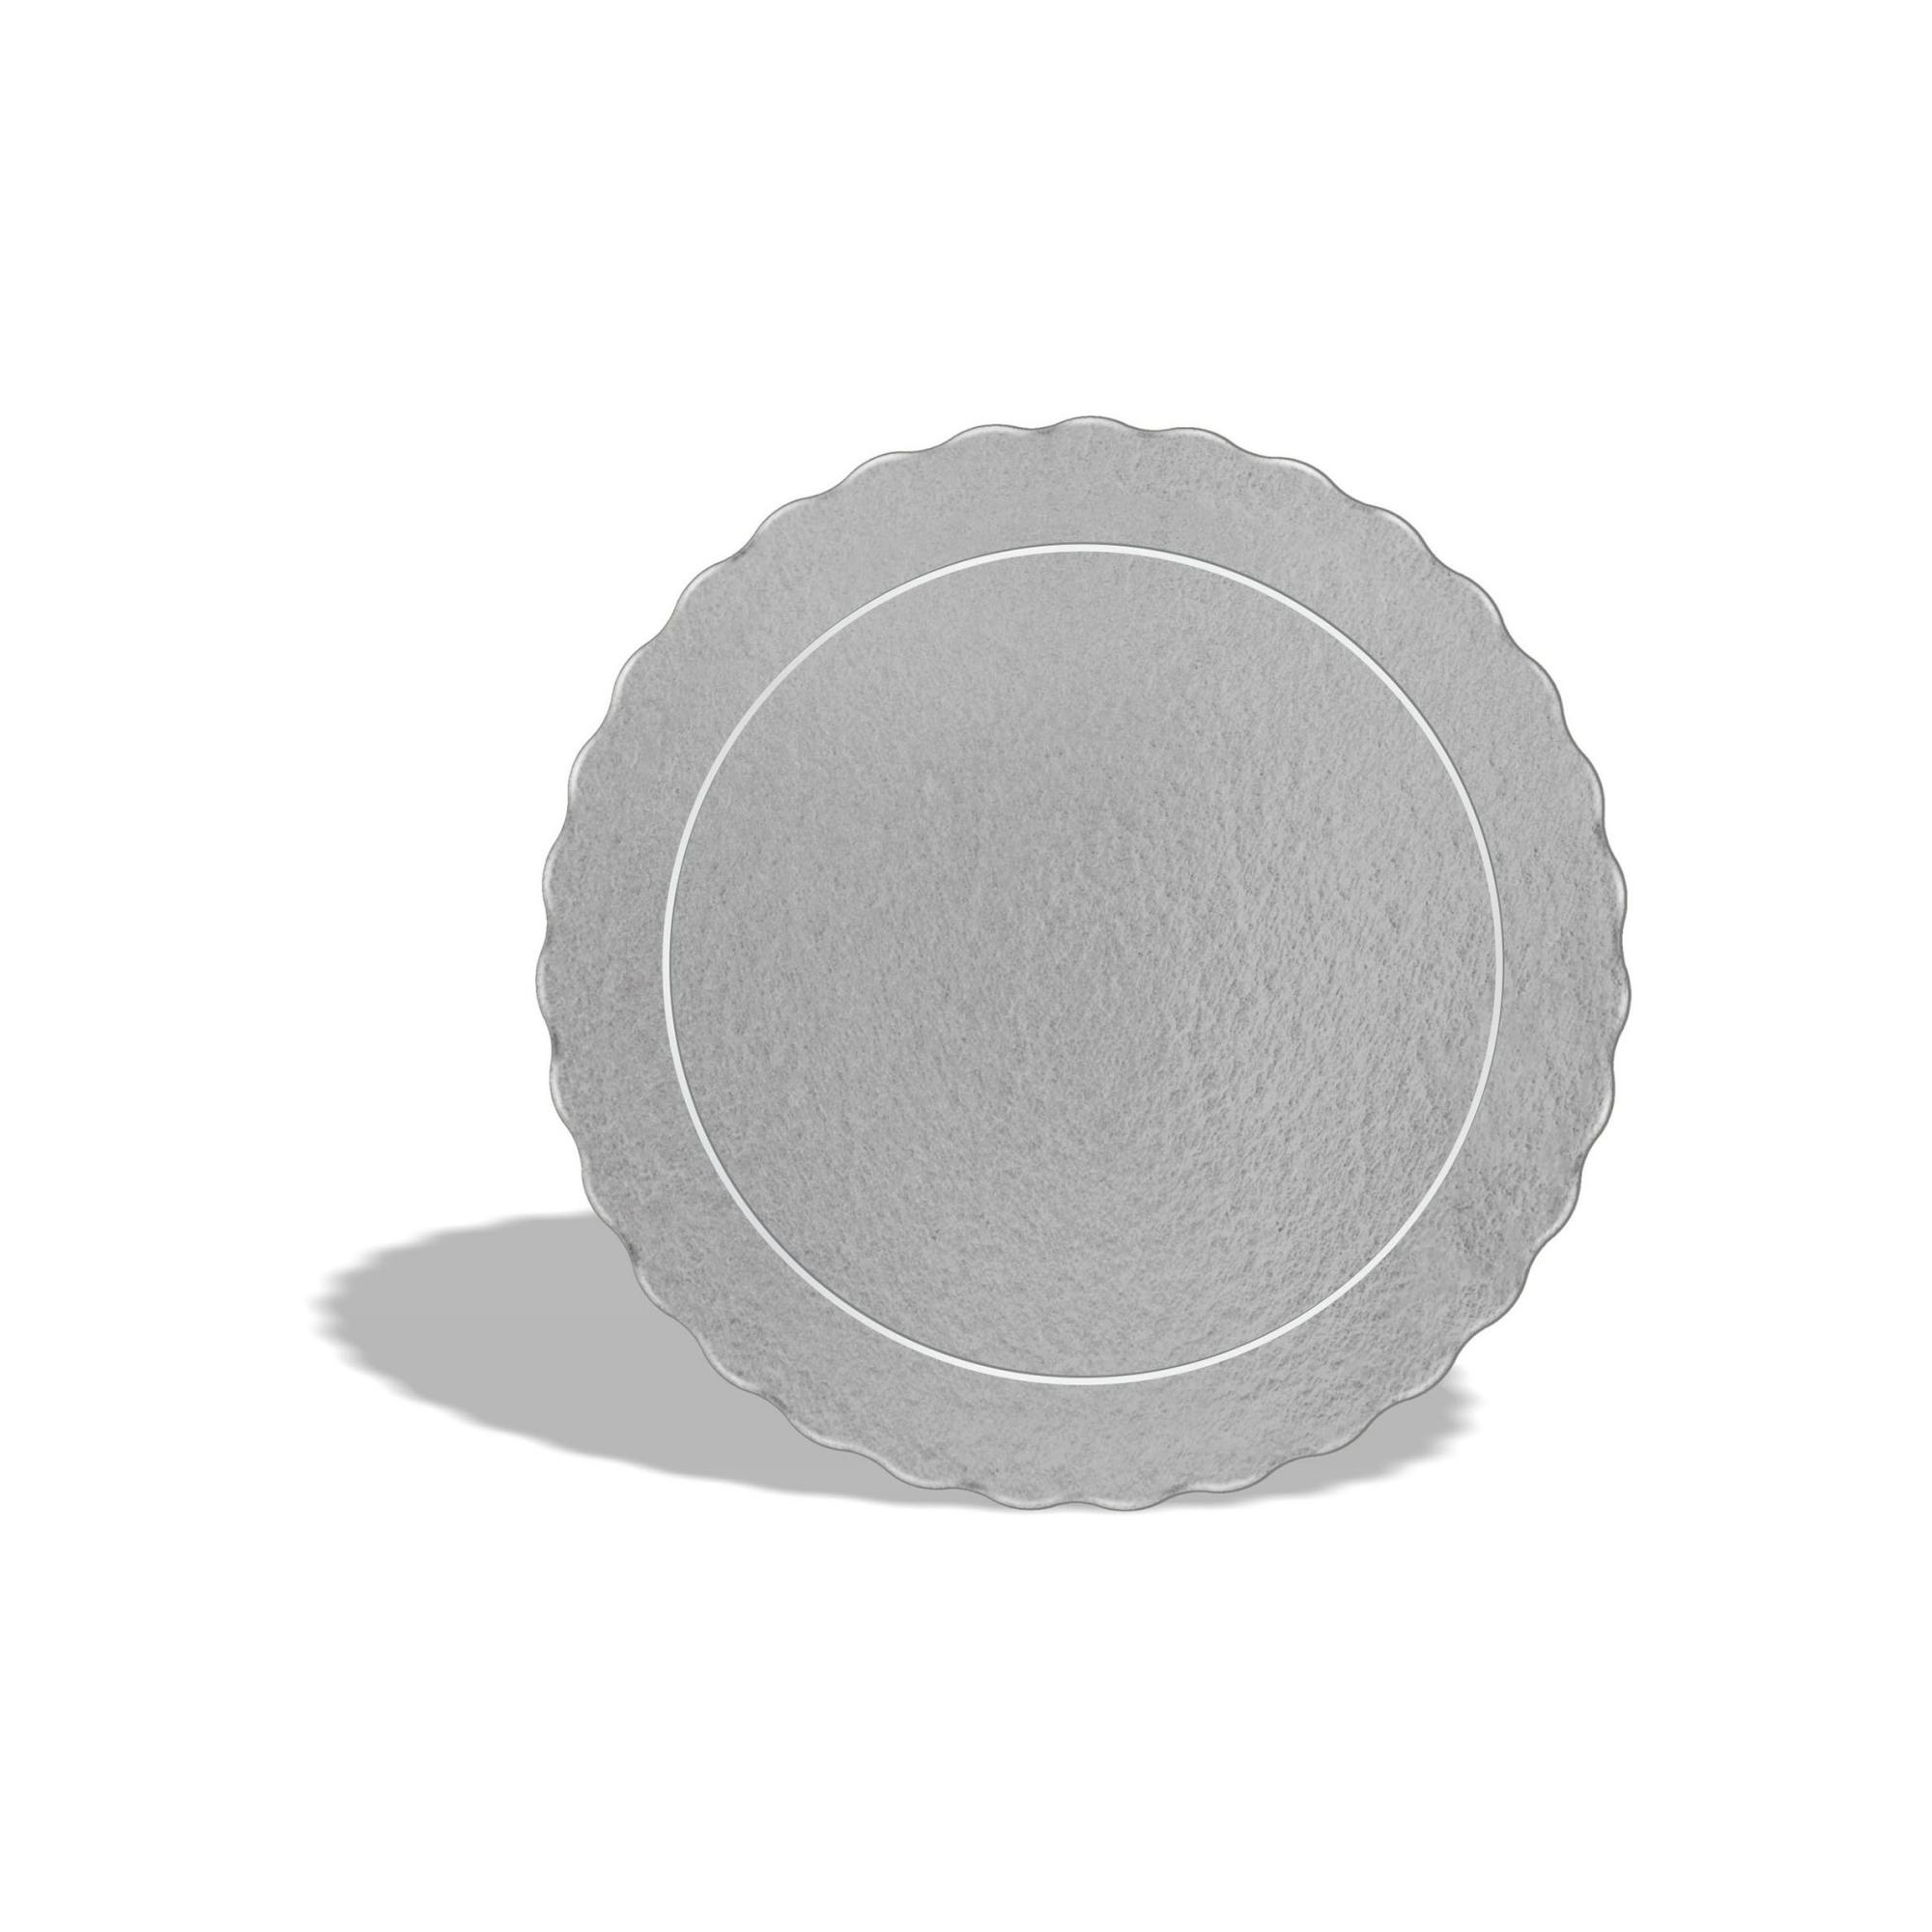 200 Bases Laminadas Para Bolo Redondo, Cake Board 21cm - Prata